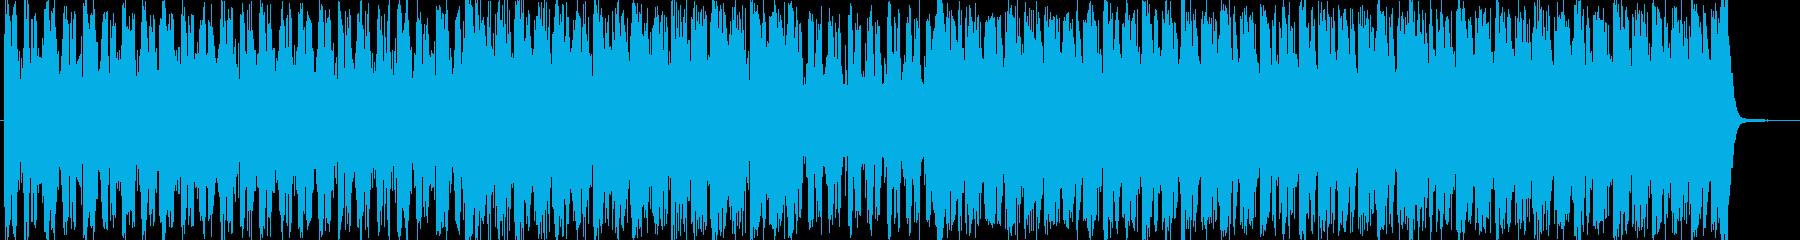 ドキドキ緊張感のあるテクノポップの再生済みの波形